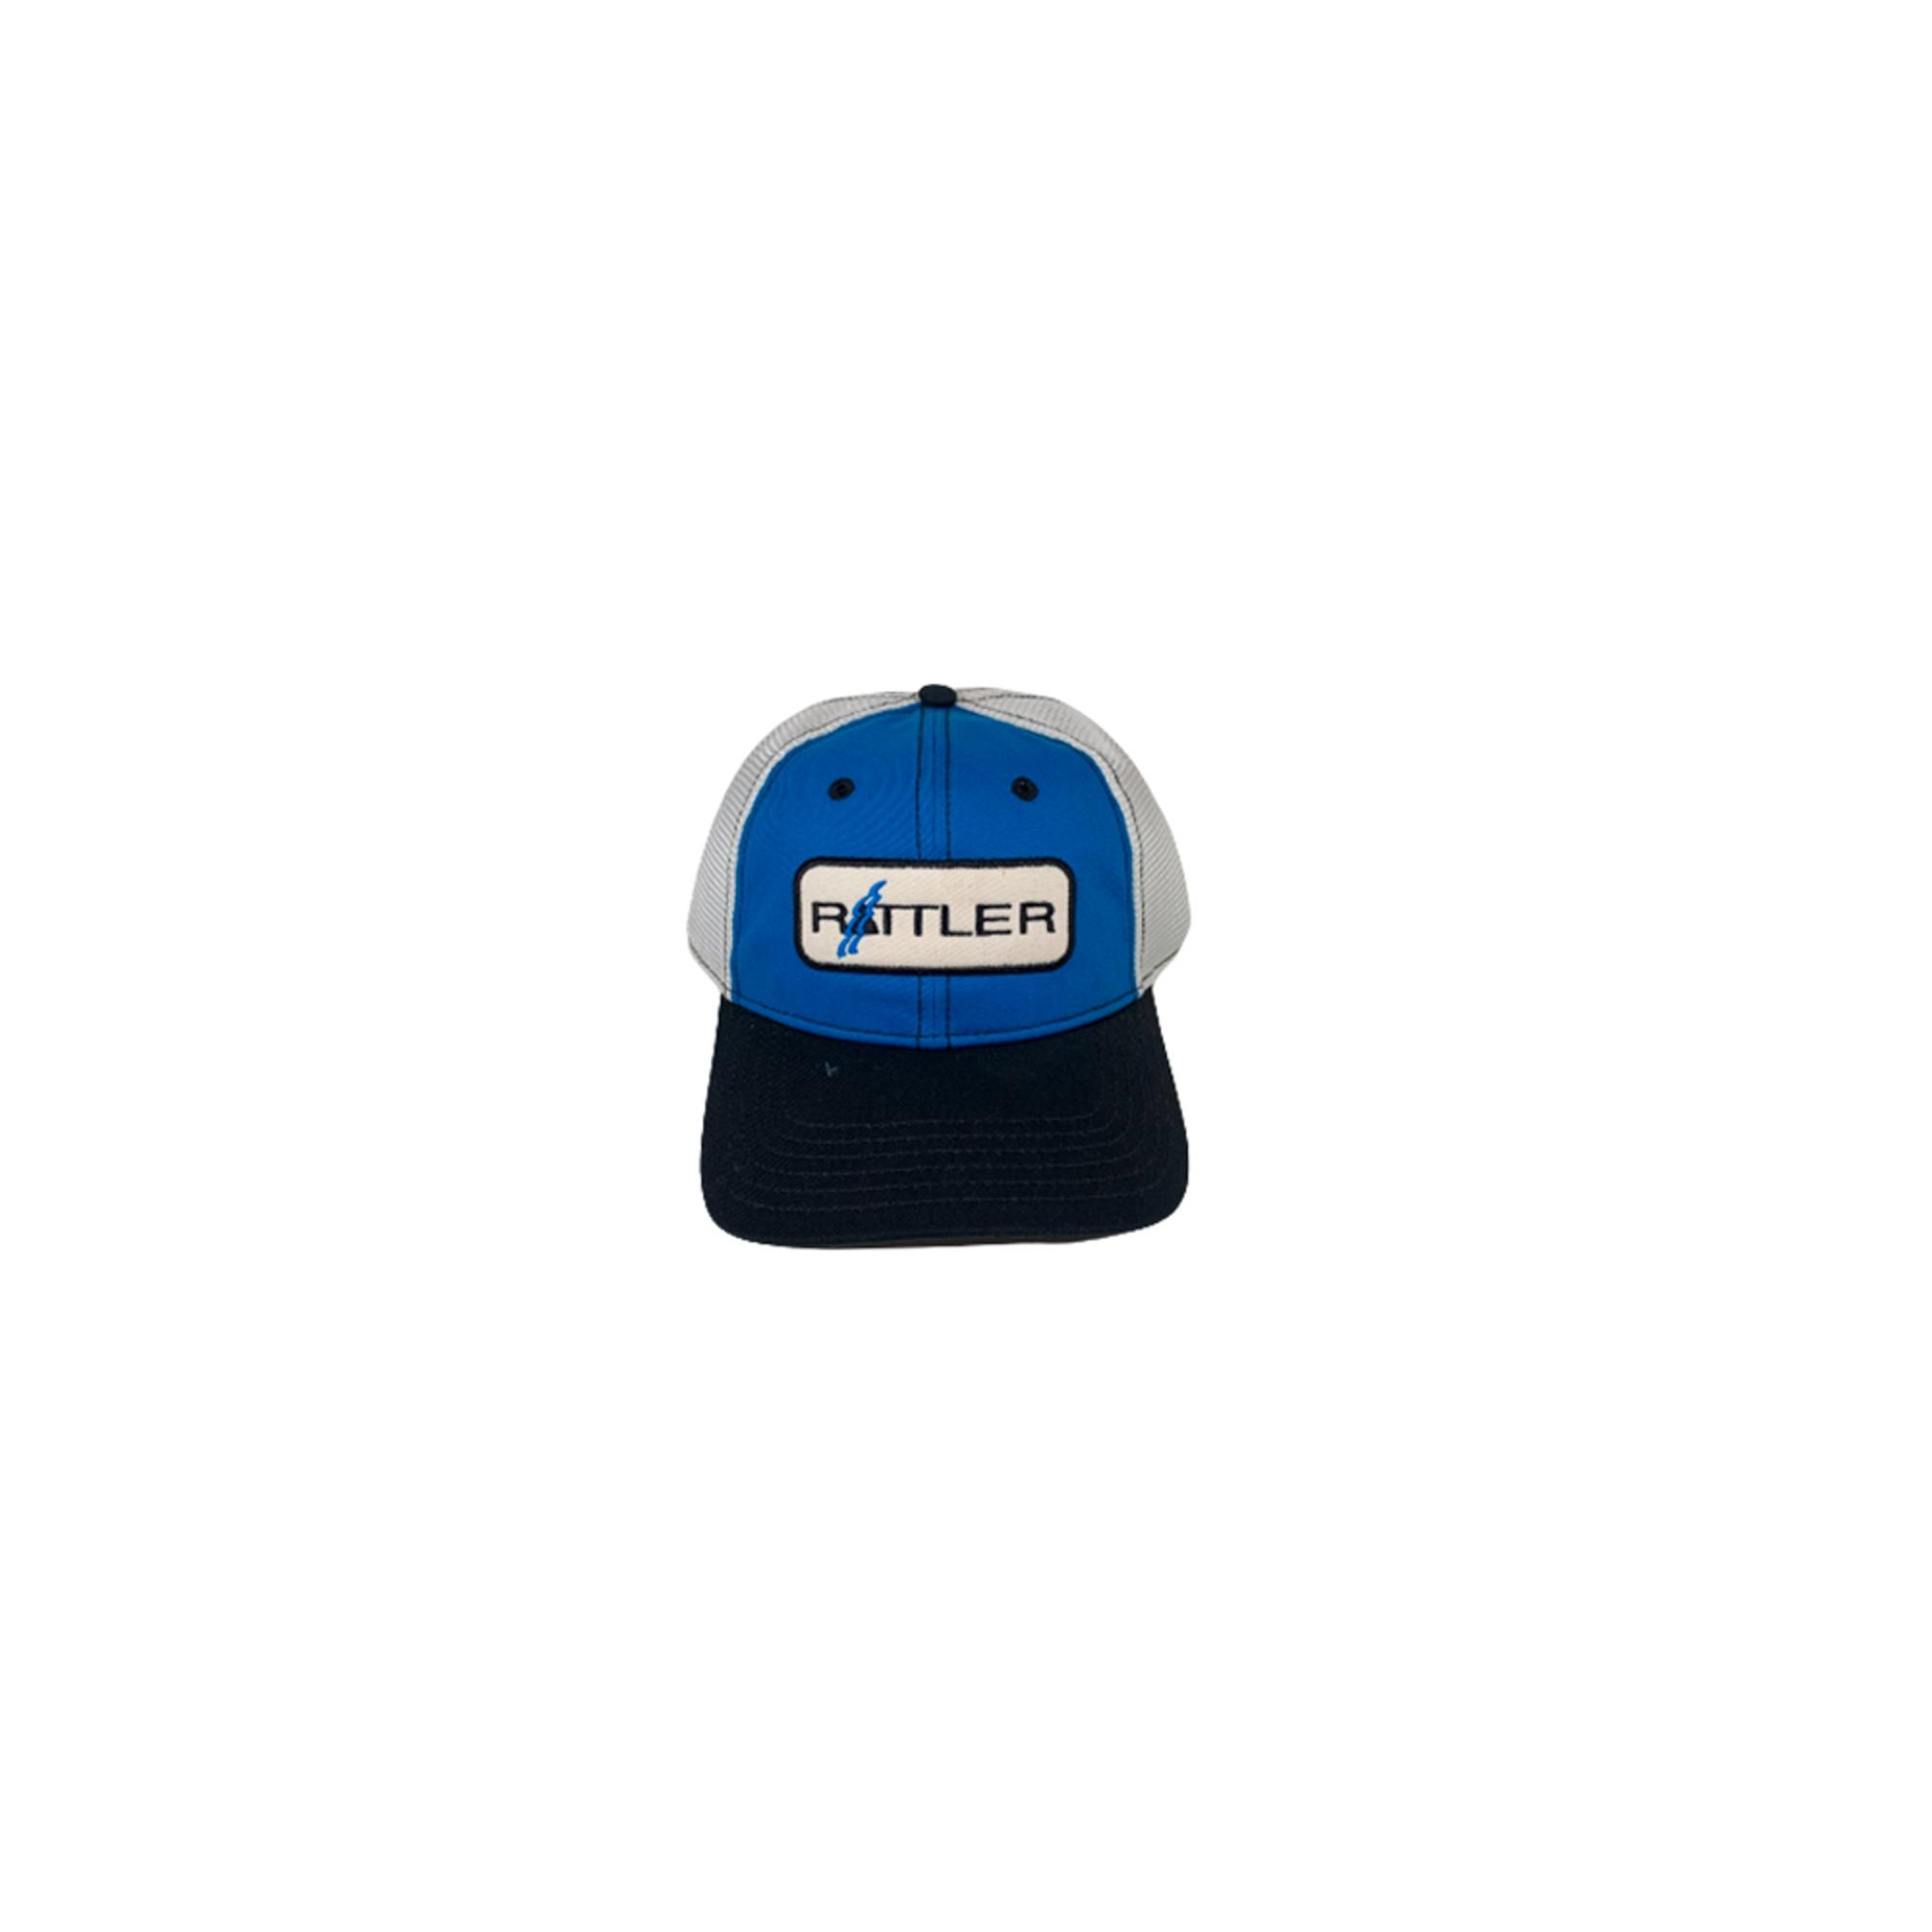 Boné Importado Rattler Azul/Preto Rattler002